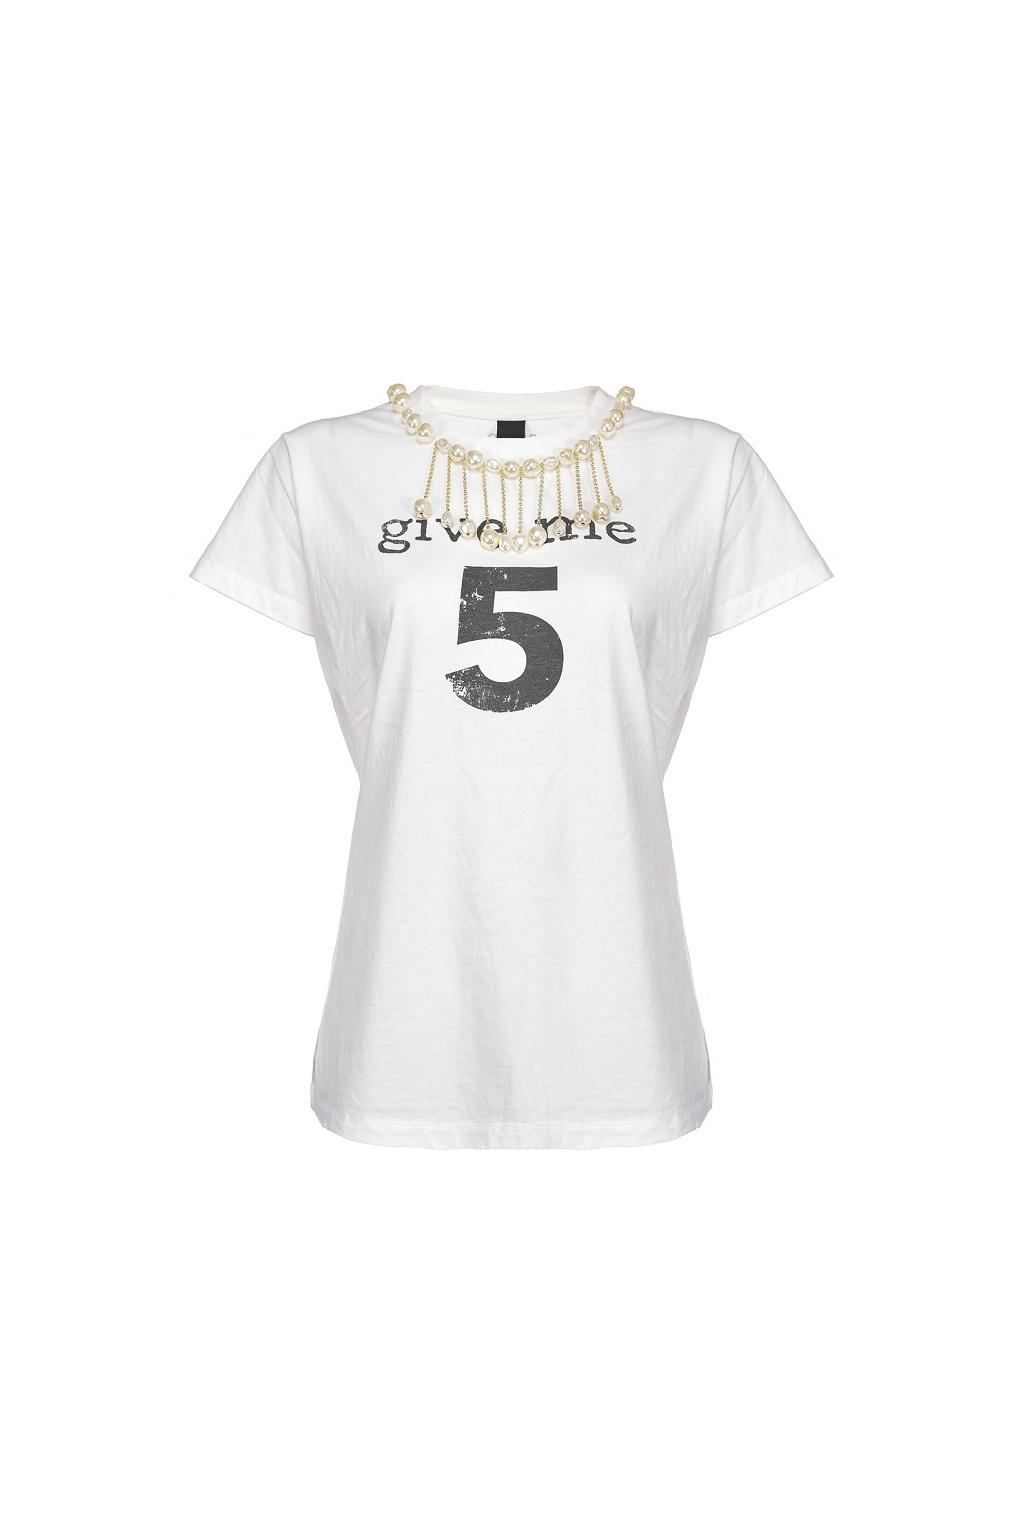 1G15NU Y6YX Z14 Dámské tričko Pinko Estroverso bílé